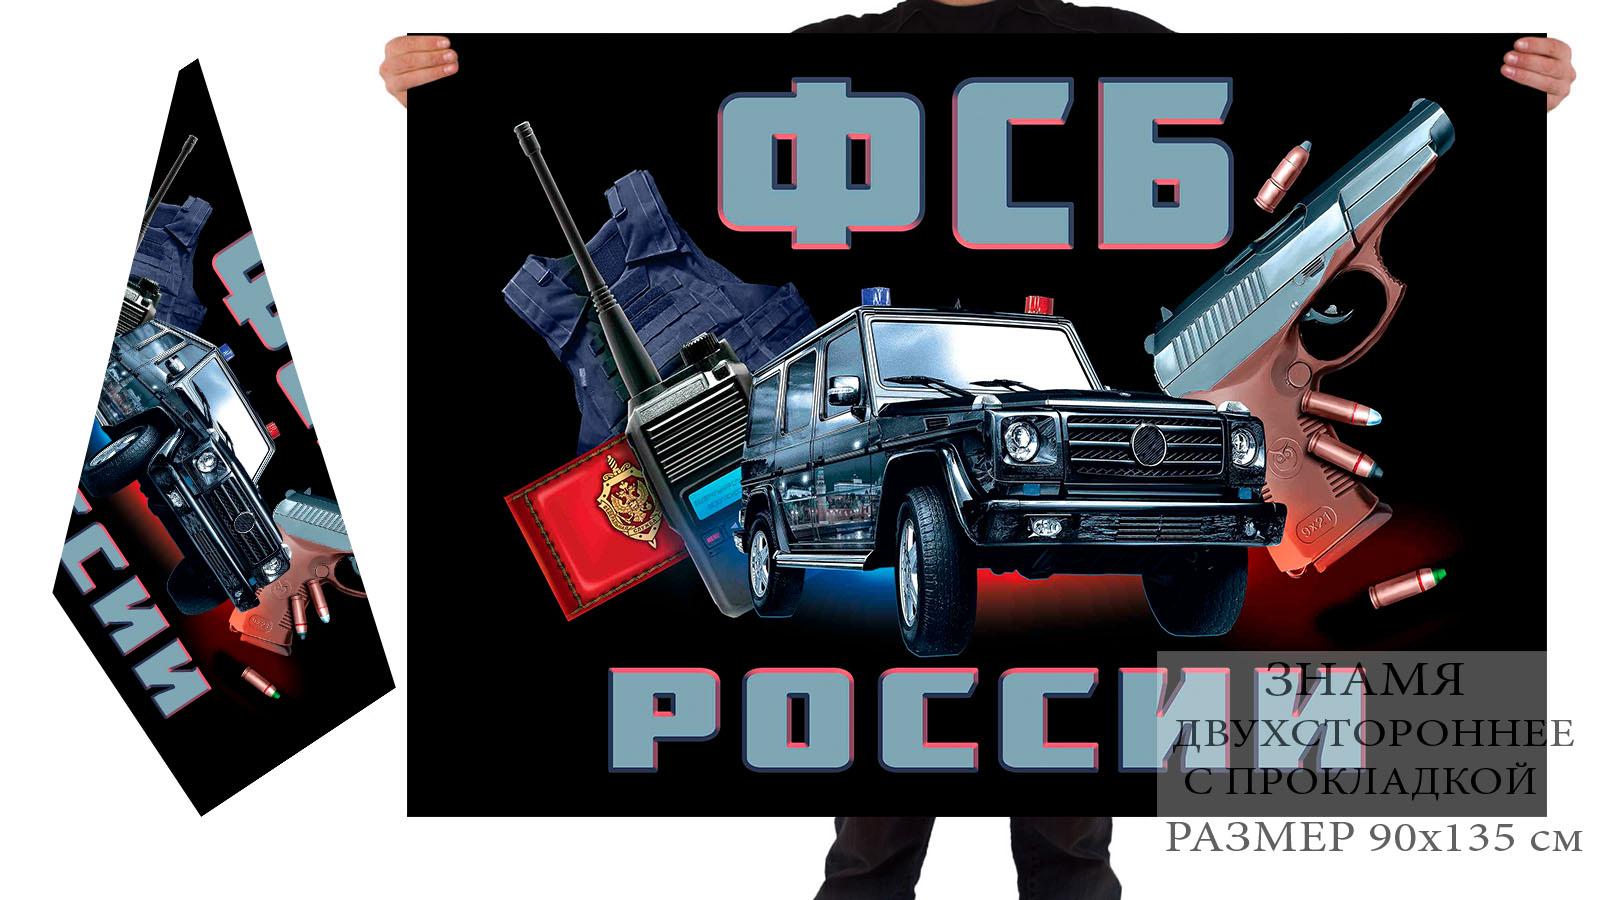 Двусторонний флаг ФСБ России